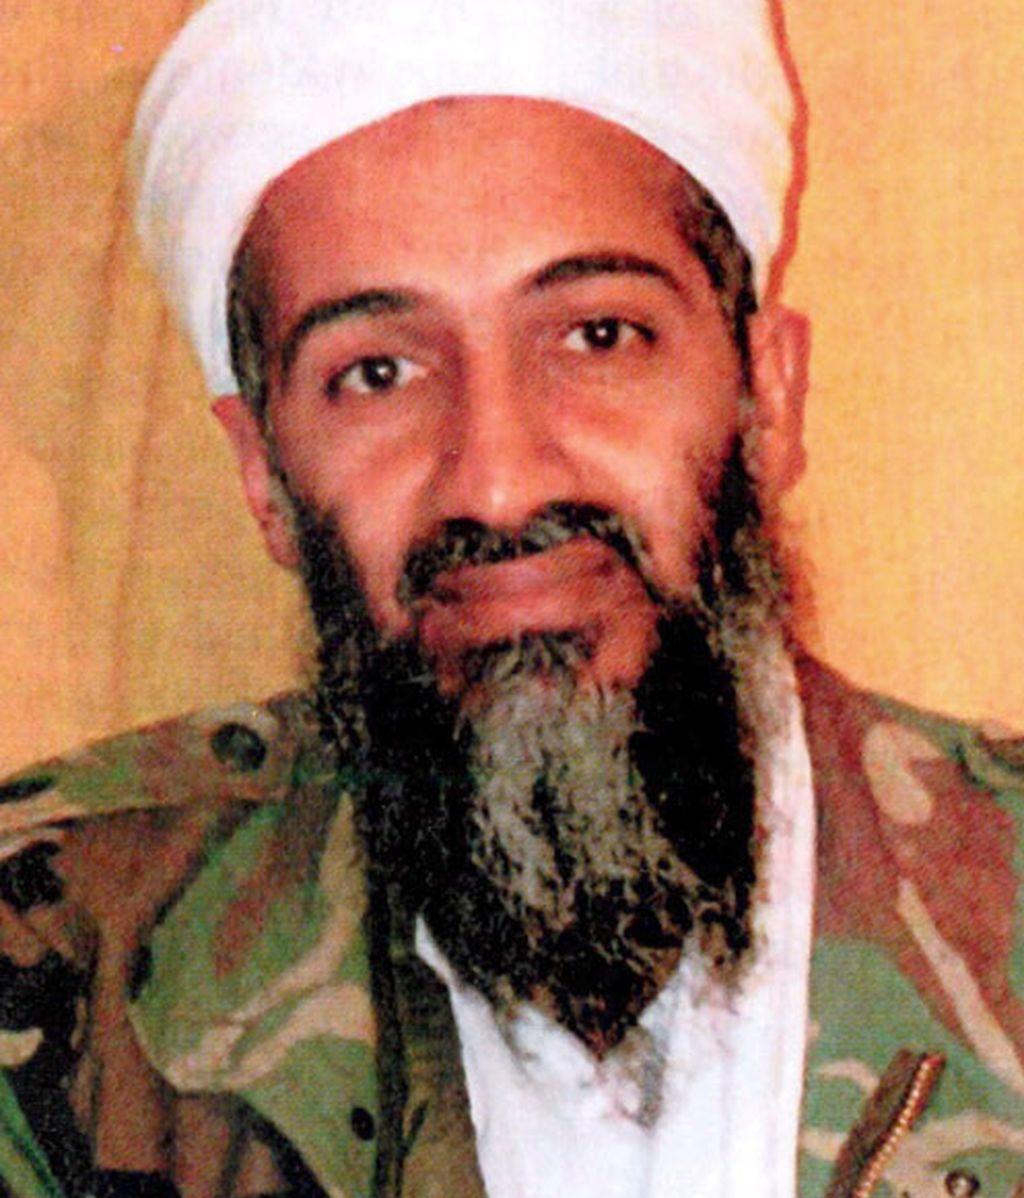 EEUU confirma la muerte de Bin Laden